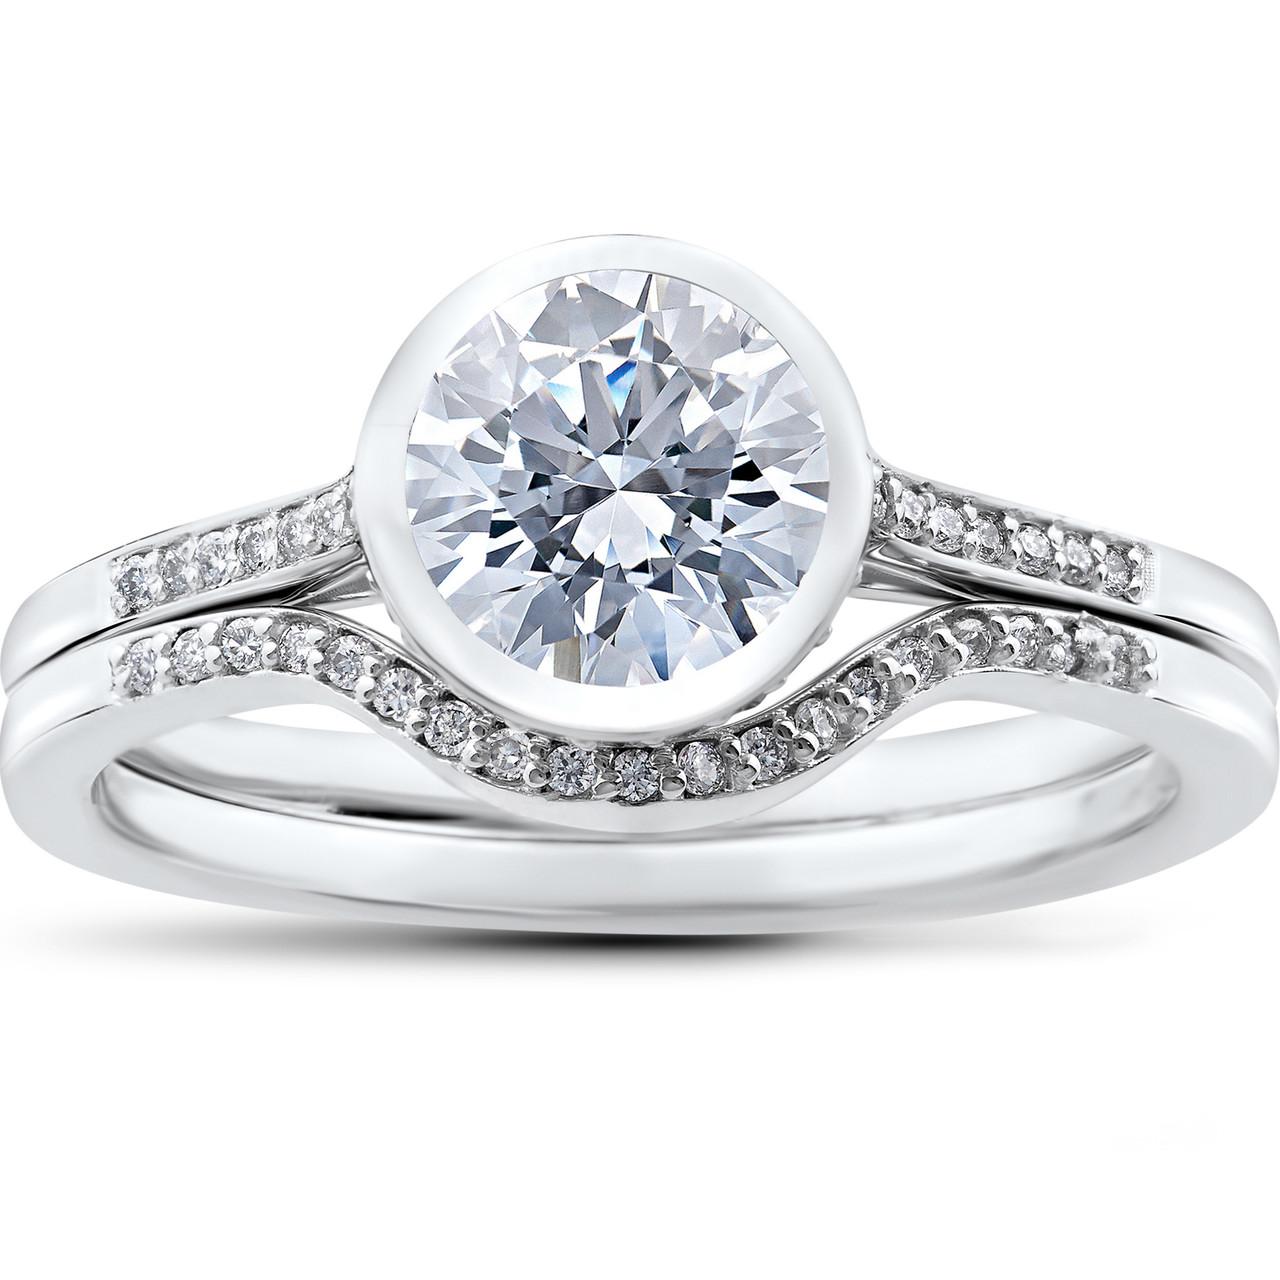 1 1 5 Ct Lab Grown Diamond Engagement Ring Set White Gold Igi